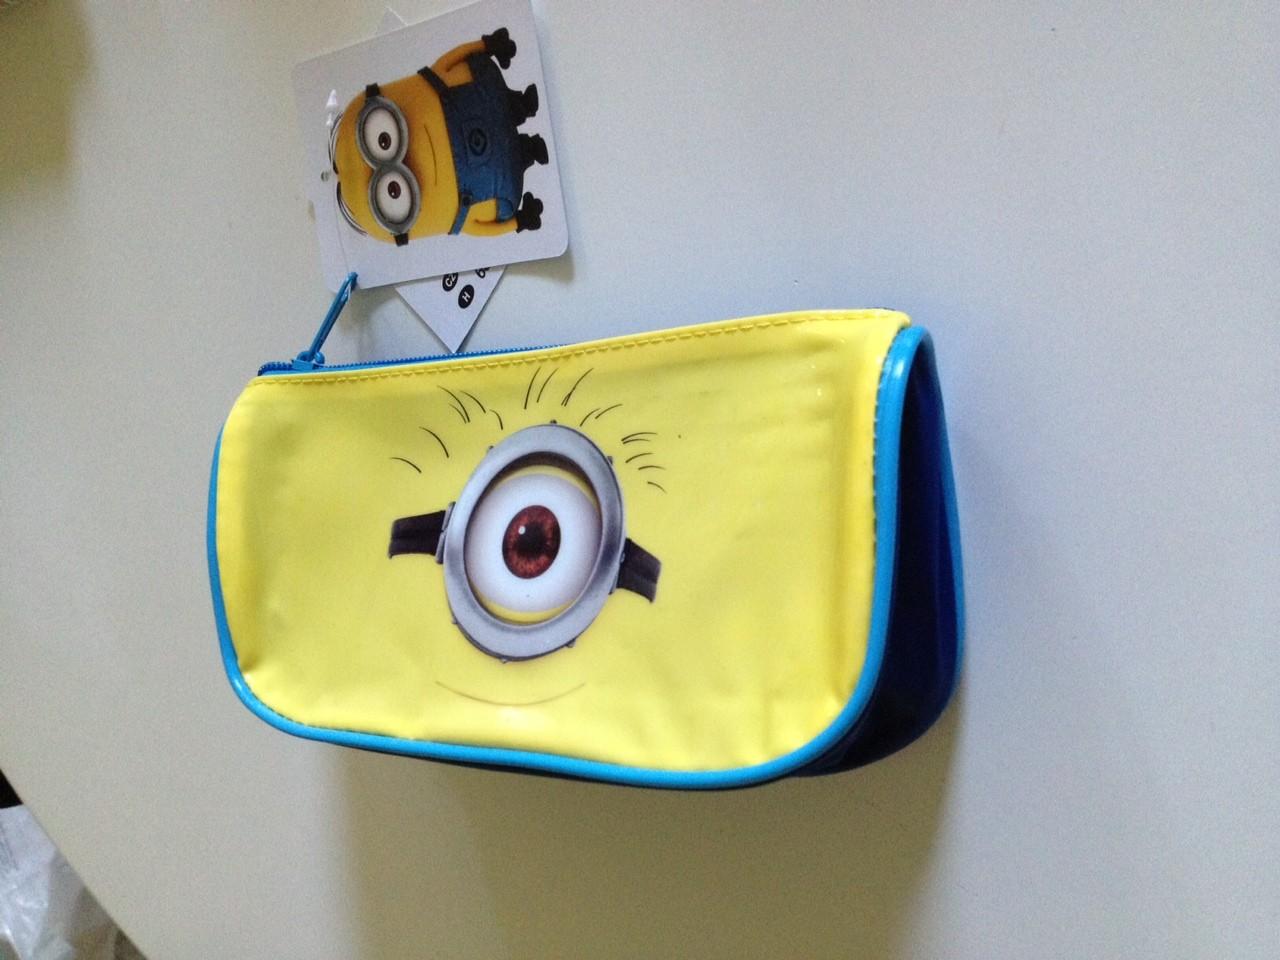 Minion Camera App : Minion alles für die schule minionworld home of the minion